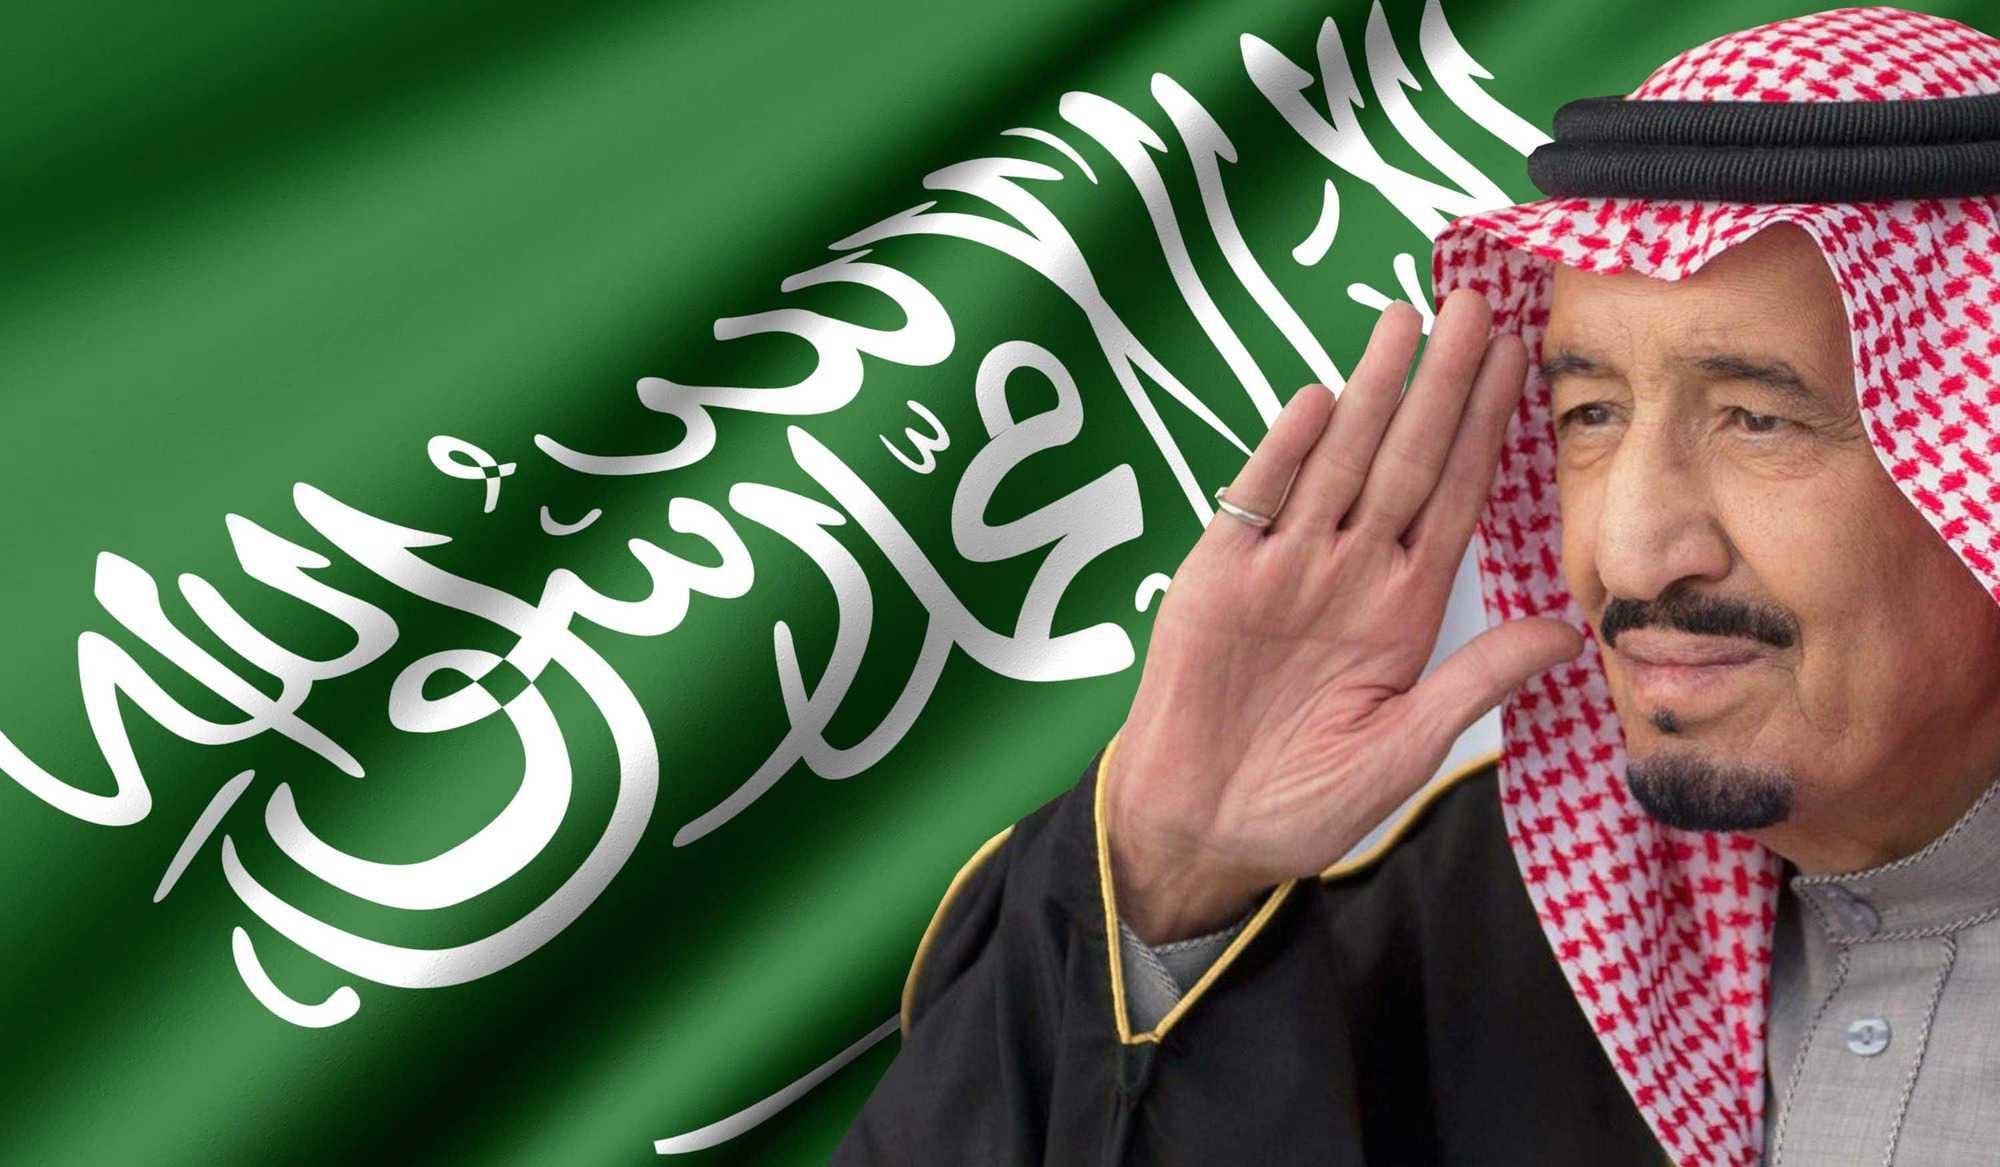 تفسير حلم رؤية الملك سلمان بن عبدالعزيز في المنام